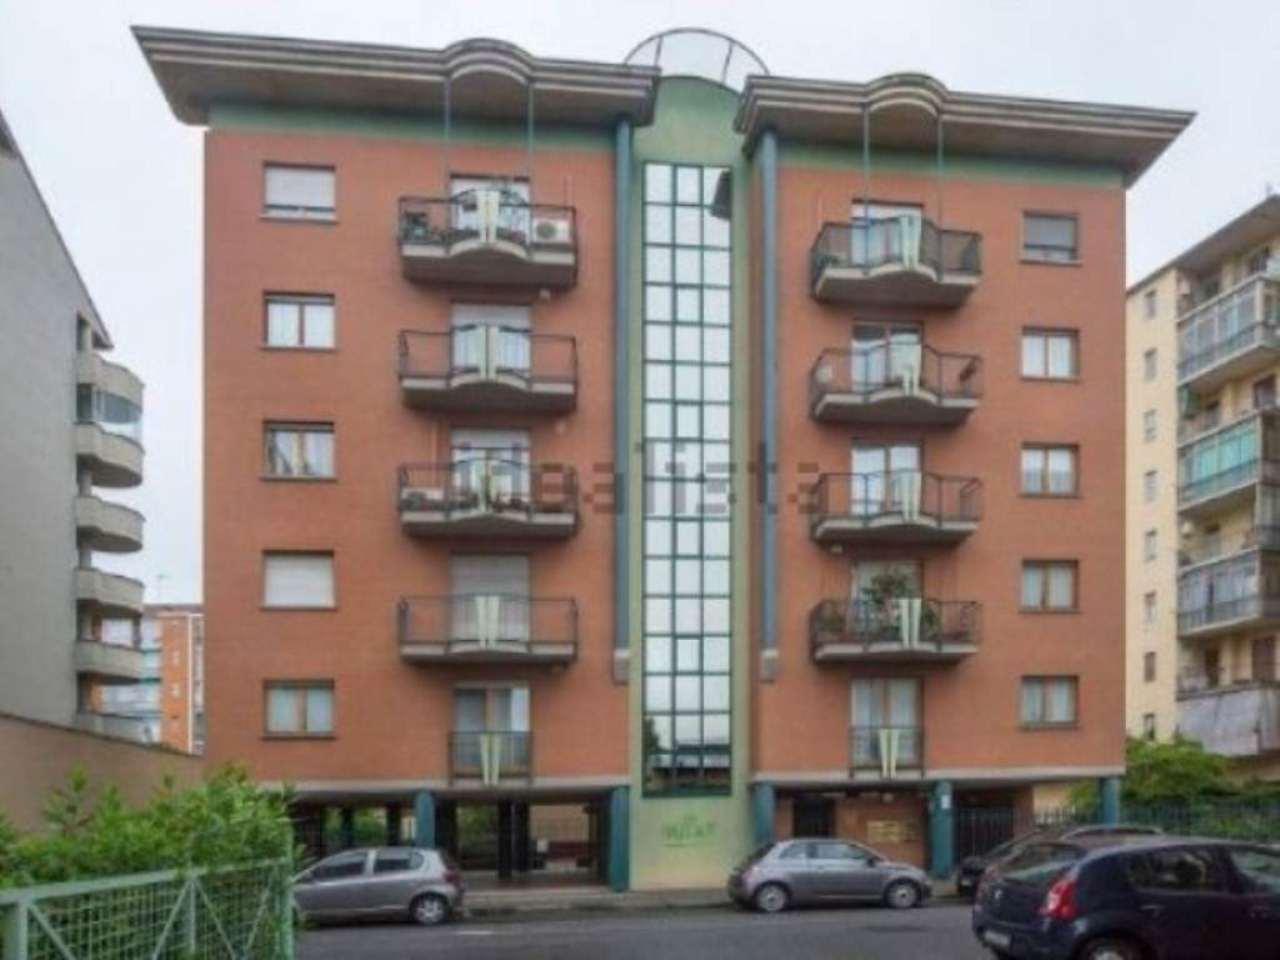 Attico / Mansarda in vendita a Torino, 4 locali, zona Zona: 15 . Pozzo Strada, Parella, prezzo € 205.000 | Cambio Casa.it